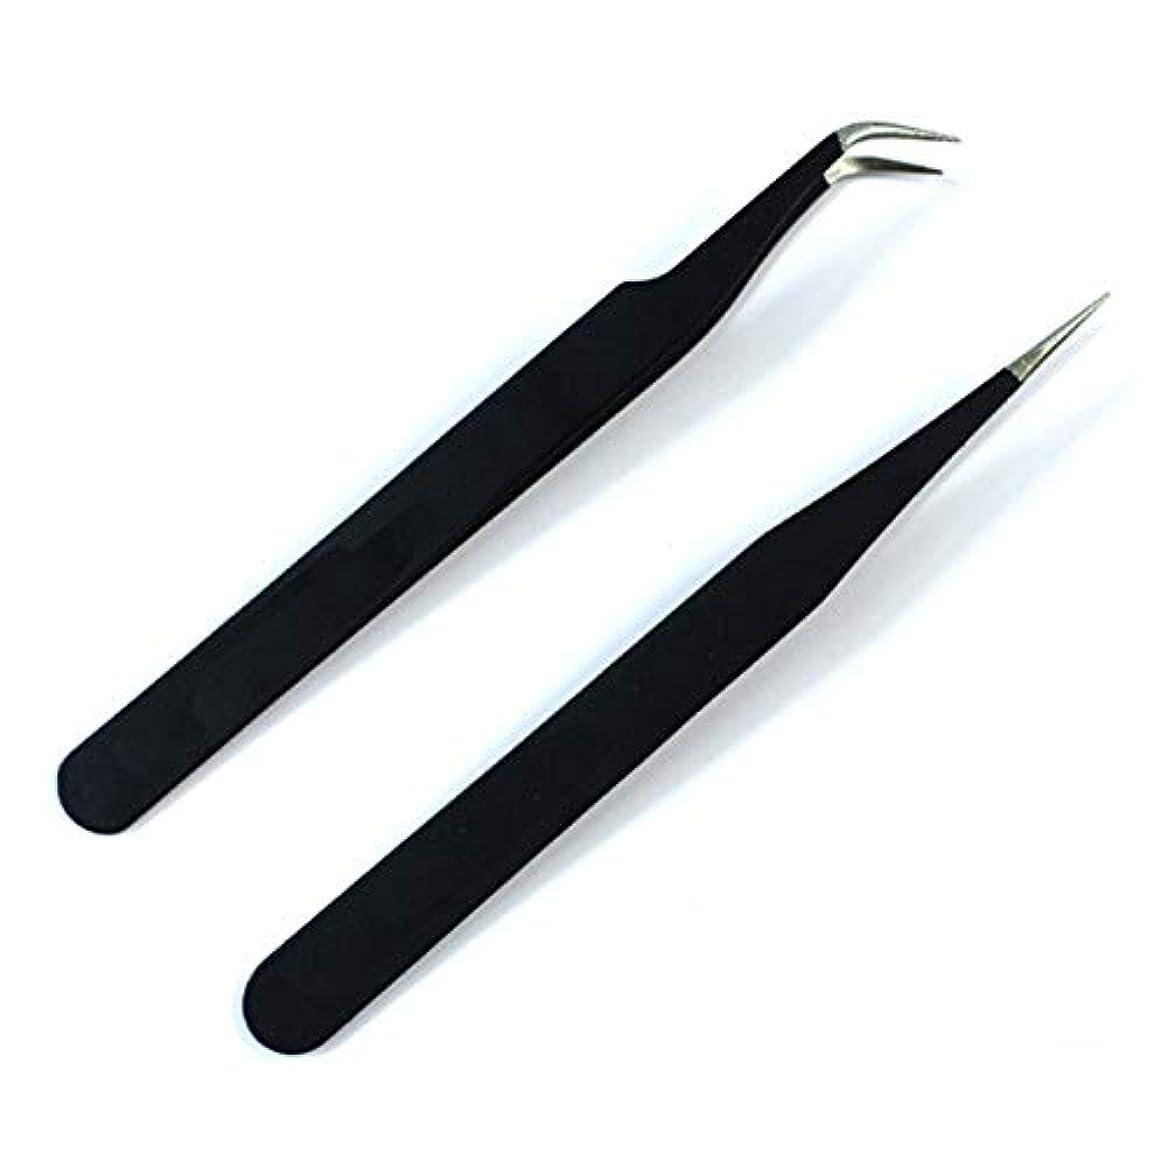 排出ダウン置換ネイルツールネイルピンセットネイル型ステンレス肘ストレートヘッドピンセット丈夫なネイルピンセット(ブラック)